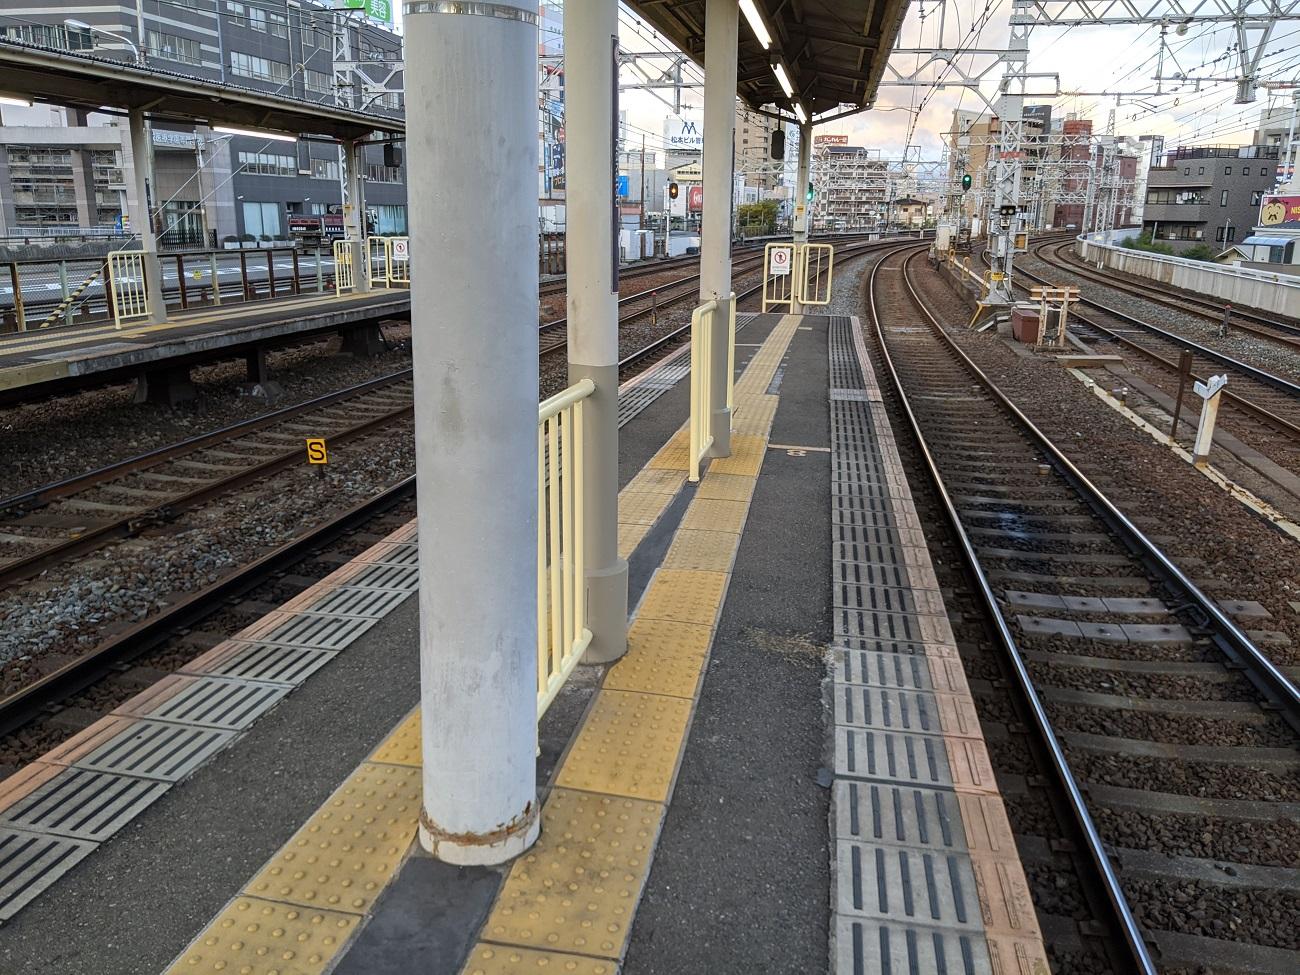 Japanese-train-station-Osaka-Hankyu-Nakatsu-Japan-trains-travel-photos-7.jpg